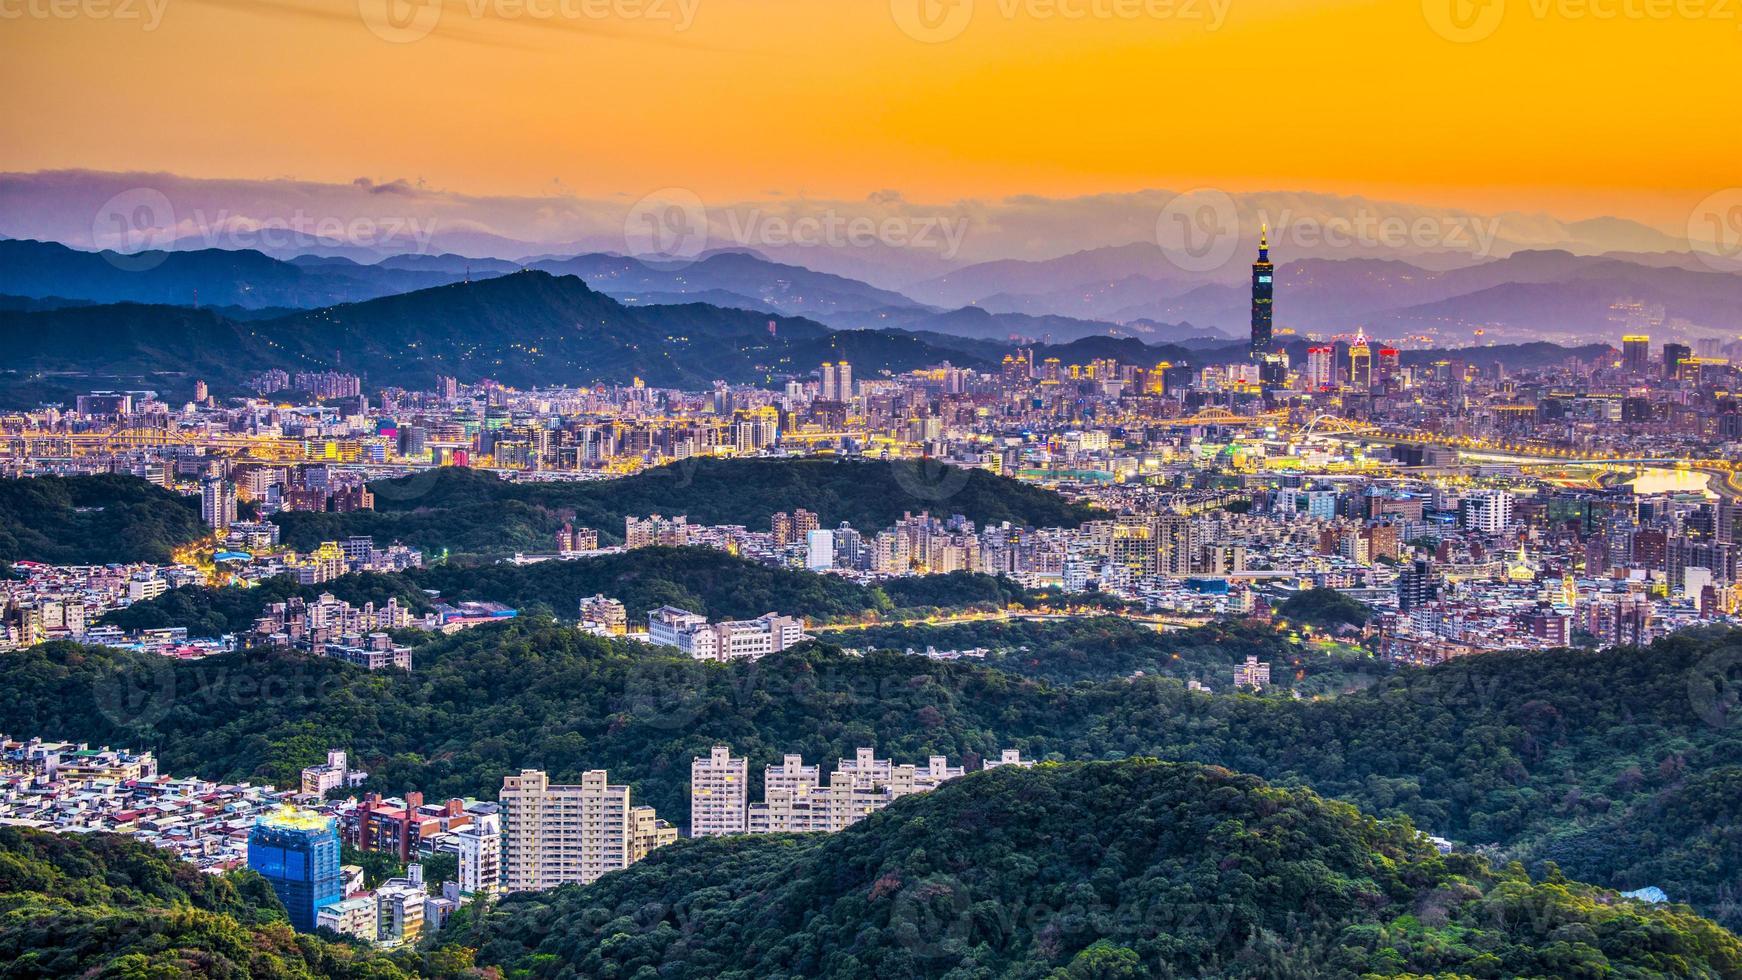 una foto dalle colline dello skyline di Taipei all'alba